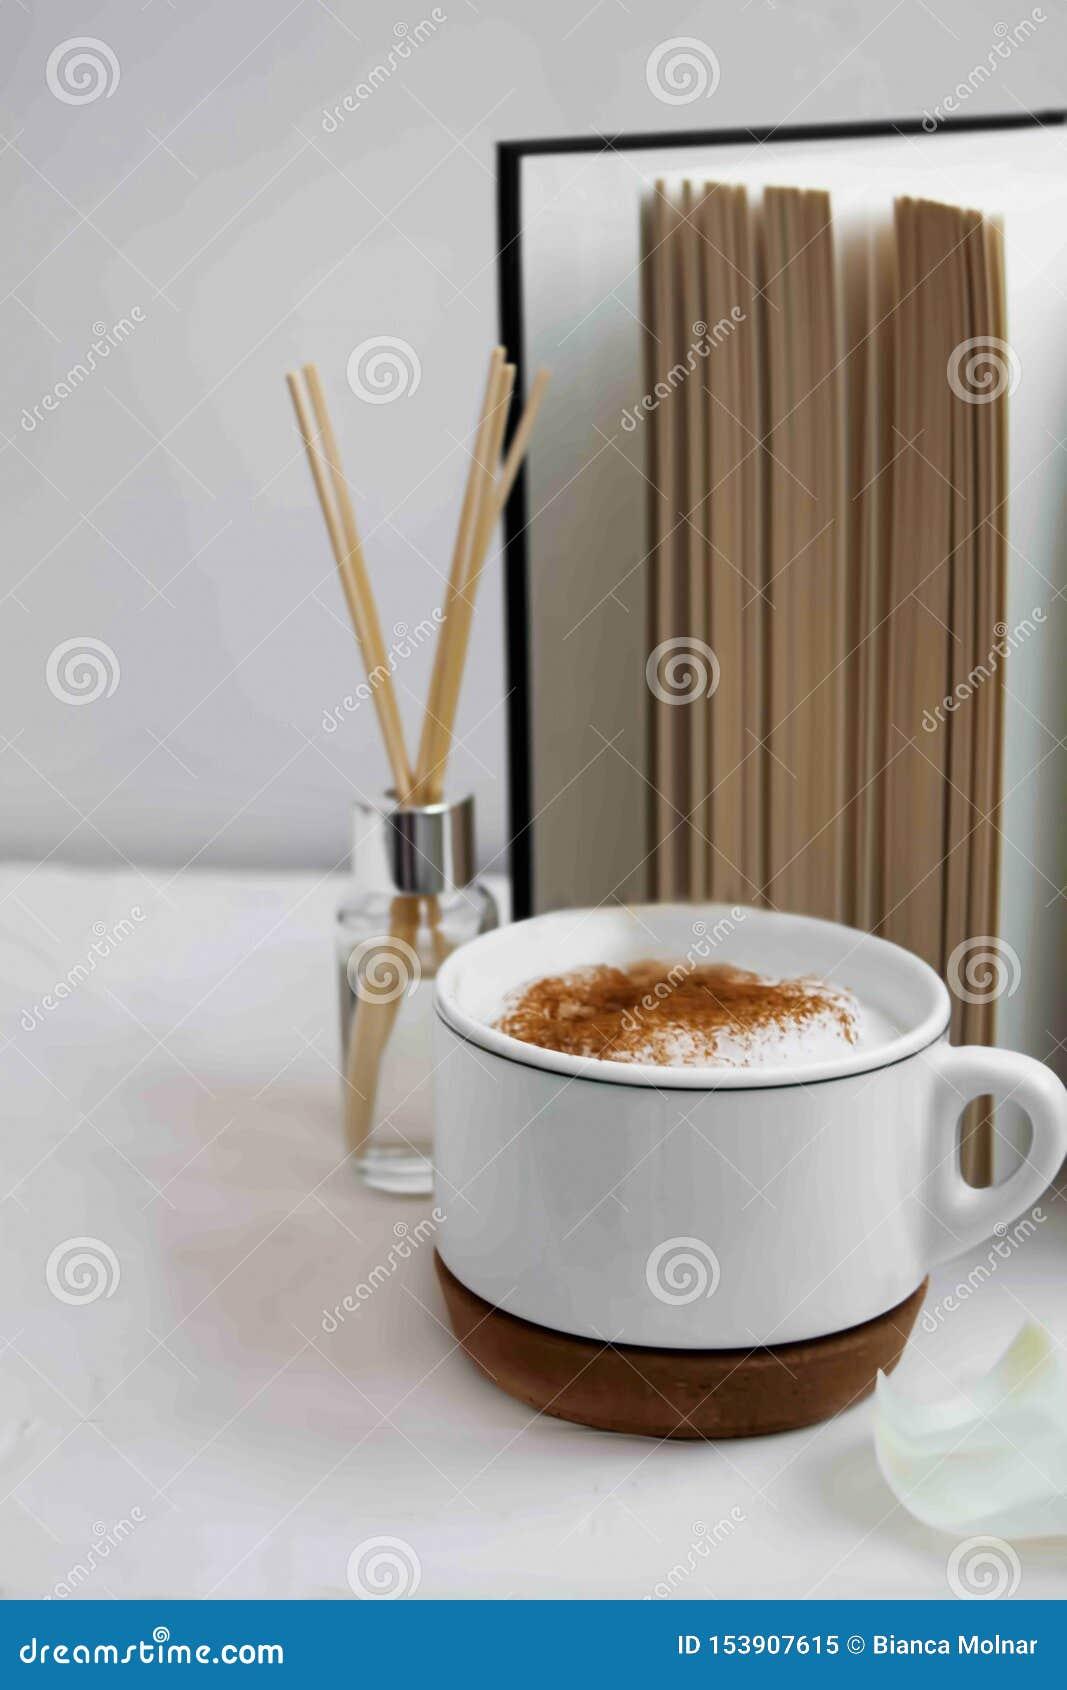 Décor à la maison avec une tasse de café